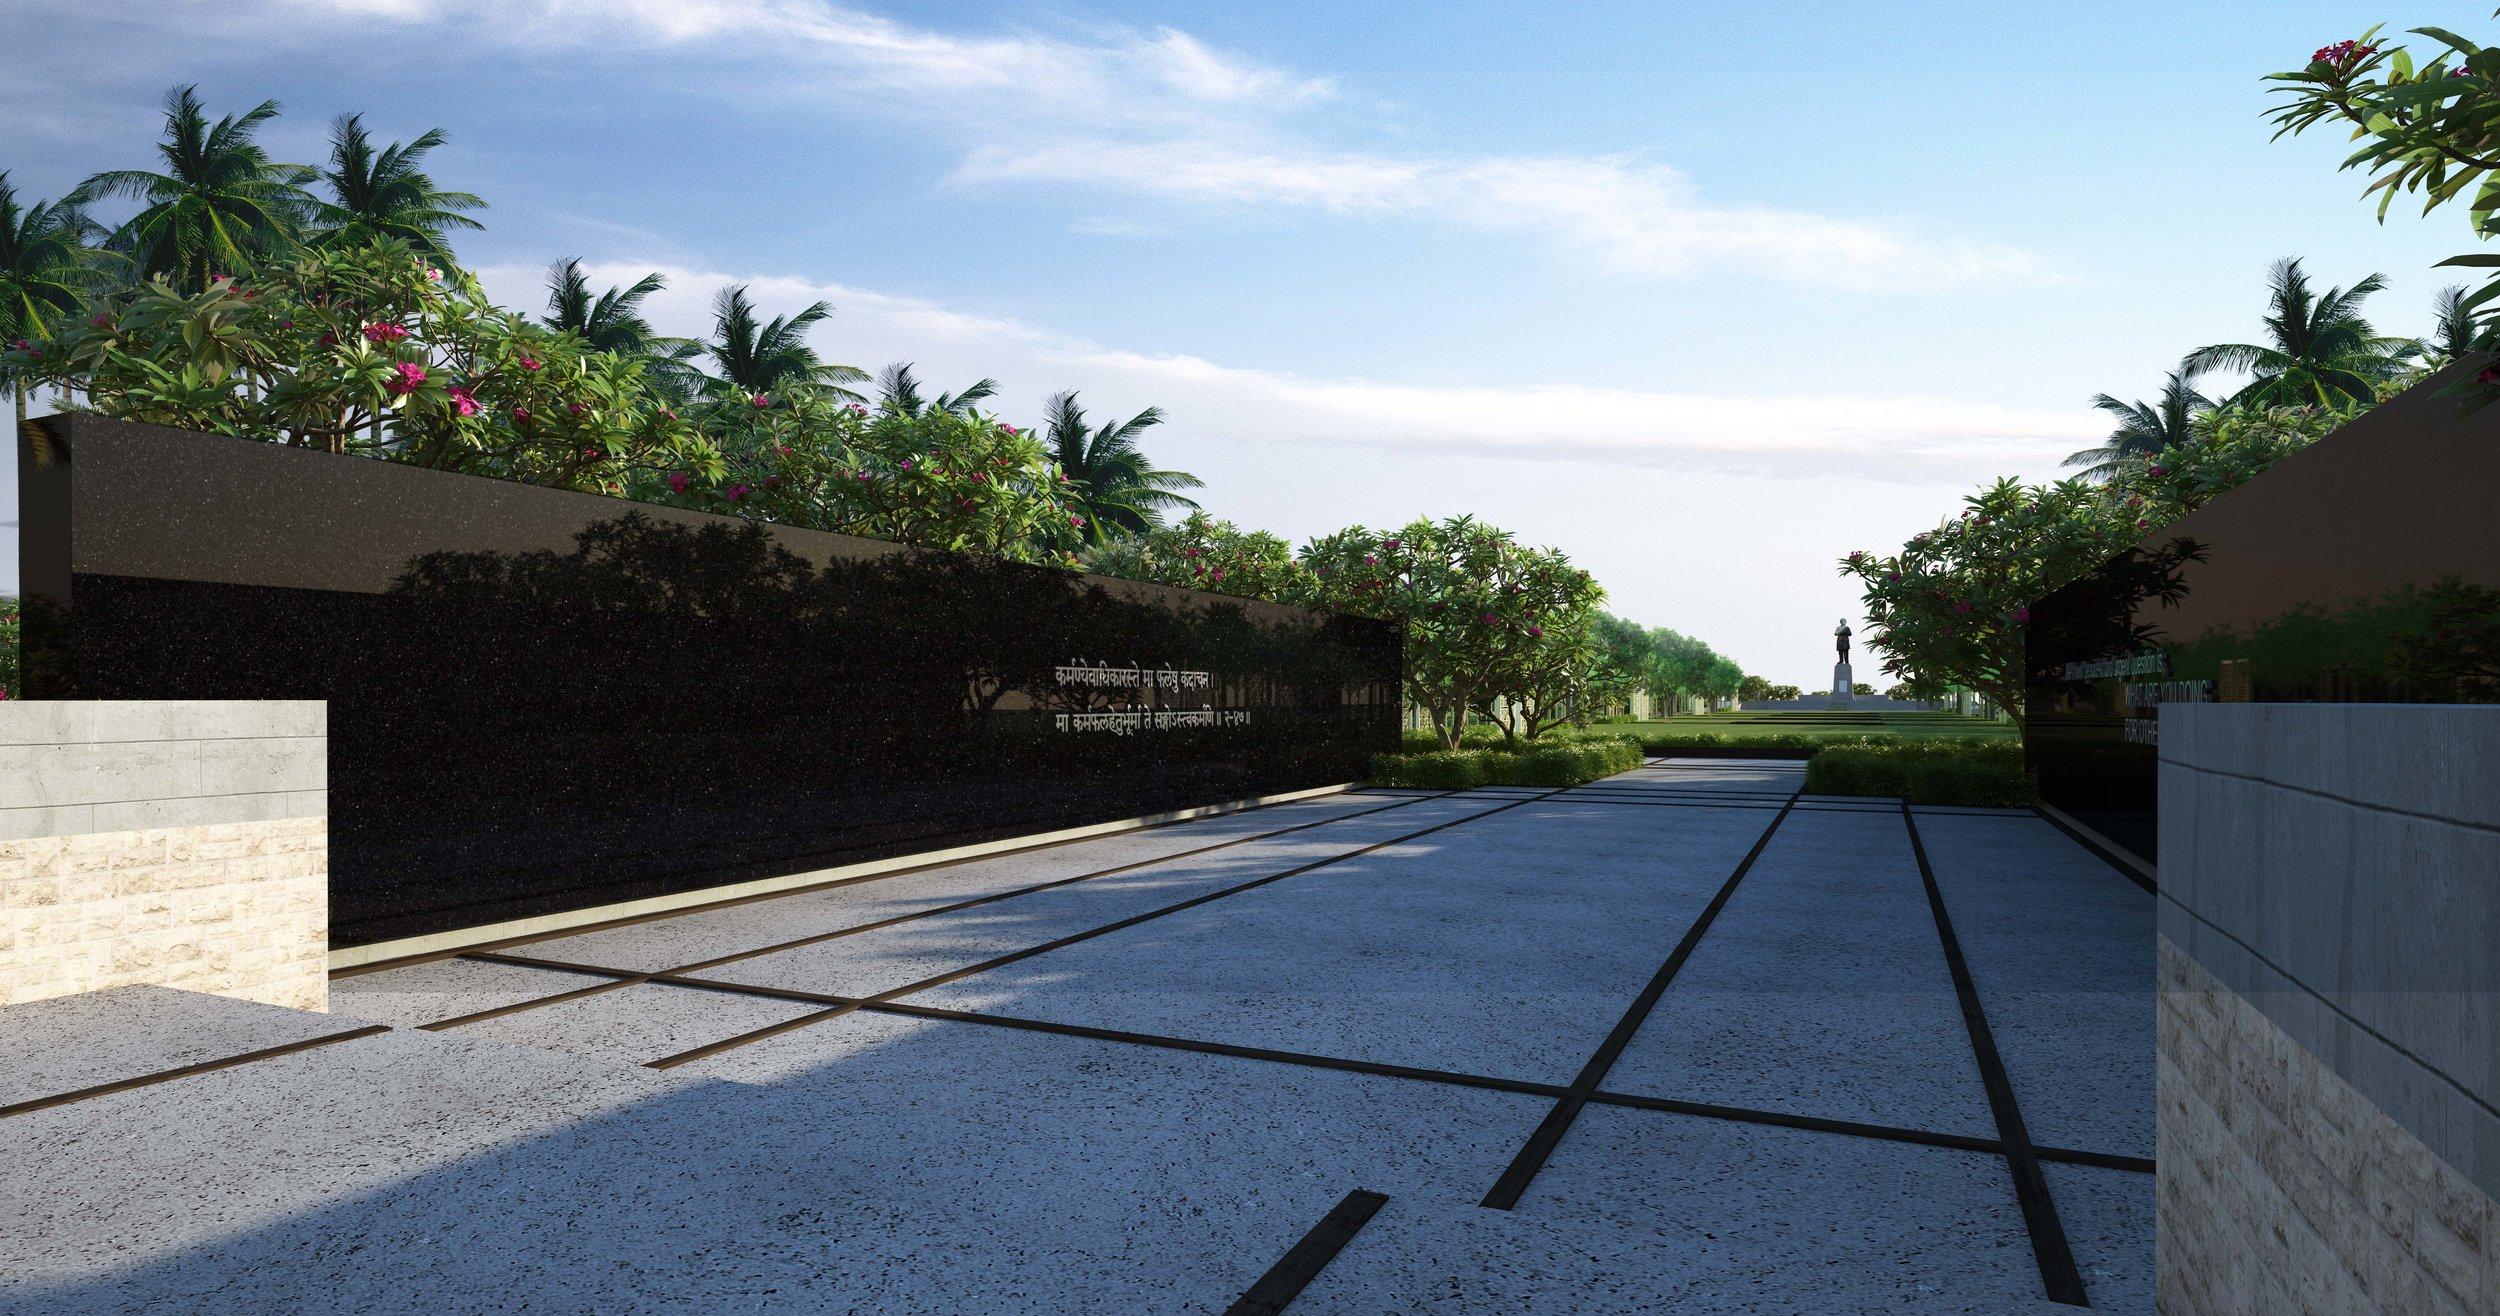 Ficus-landscape-bangalore-urban park-public-MH-05